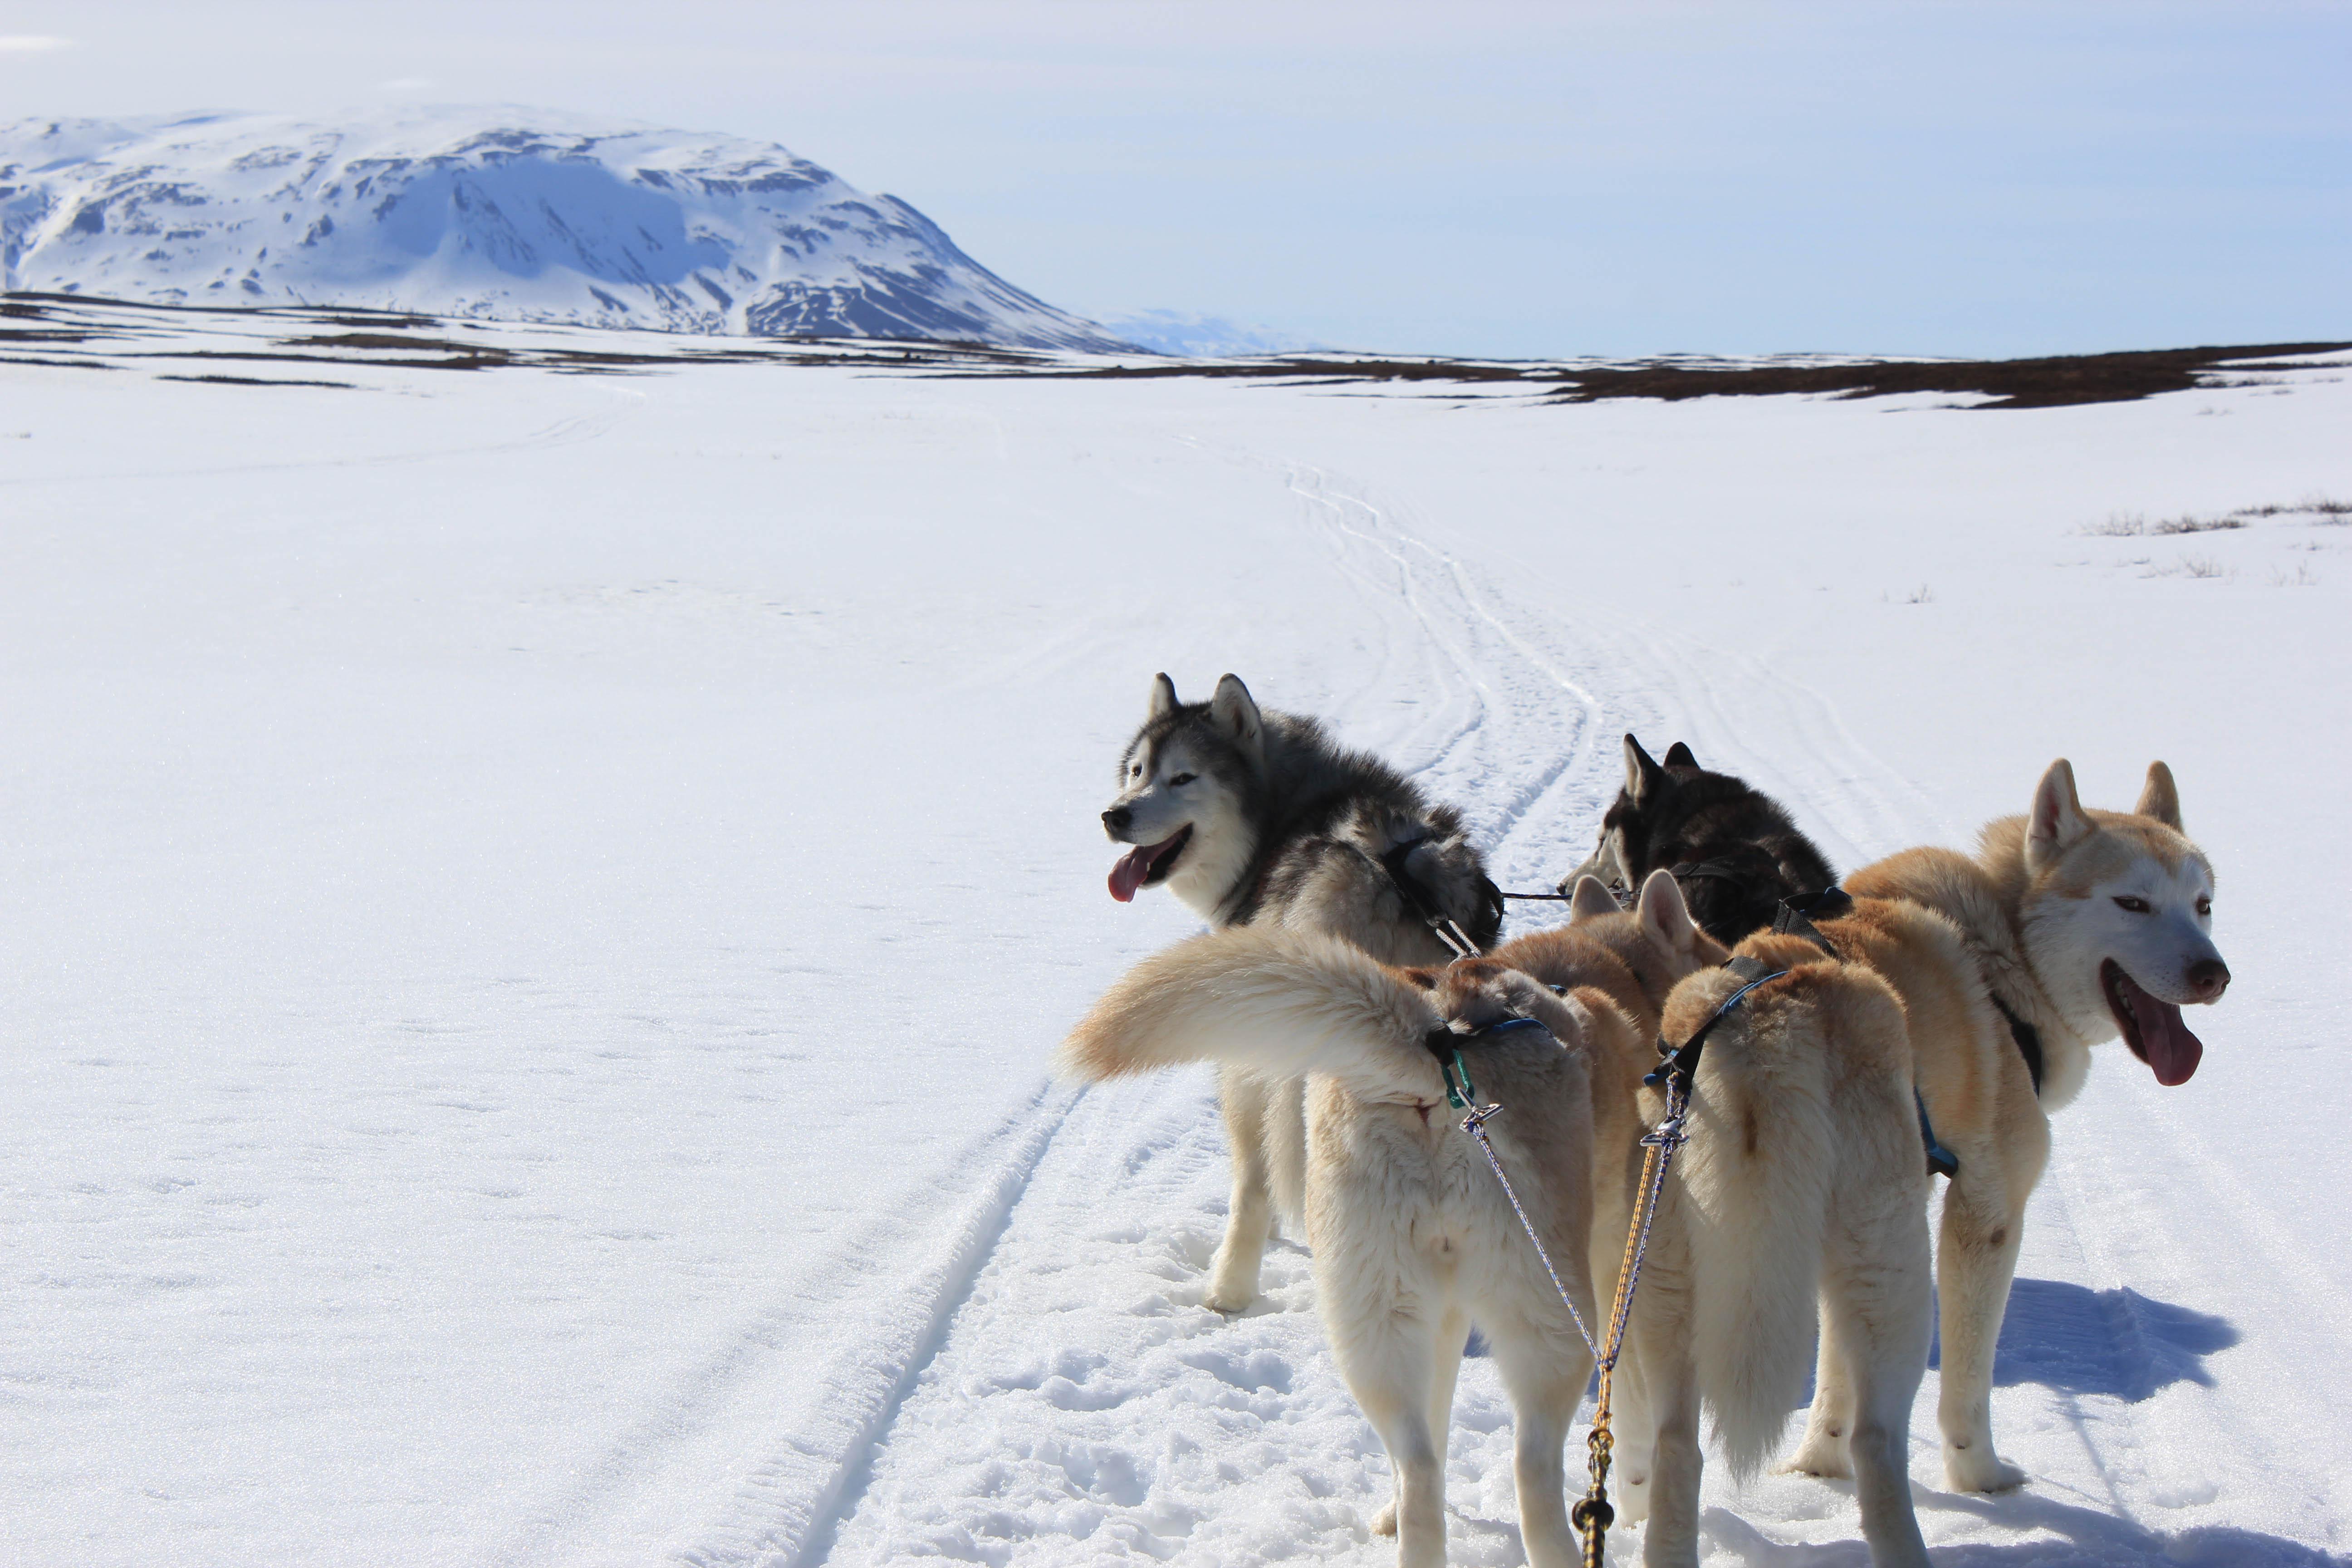 Turen med sibirske huskyer er perfekt for folk som elsker dyr, eventyr og spektakulær natur.